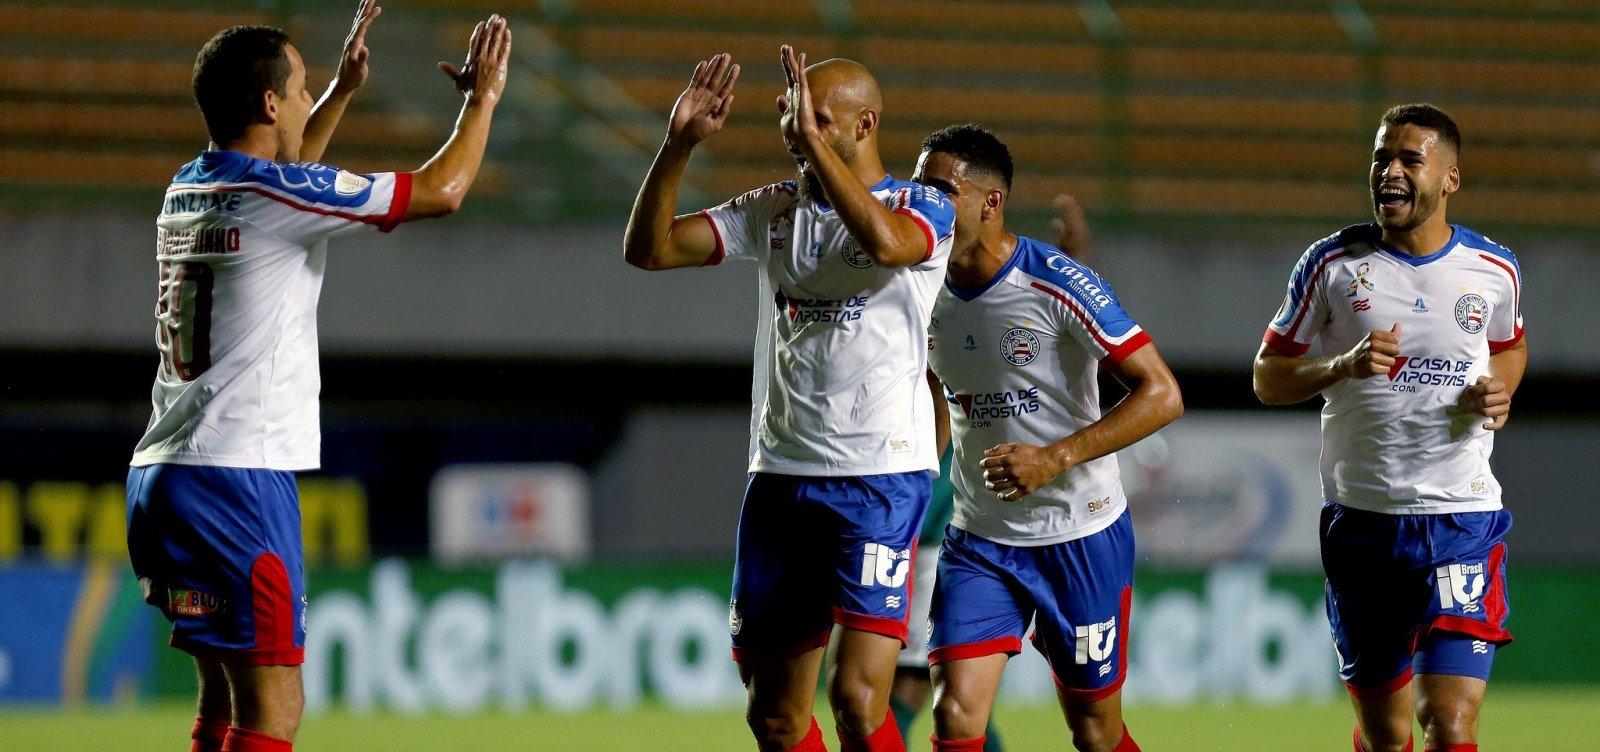 Bahia goleia Manaus por 4 a 1 e avança na Copa do Brasil